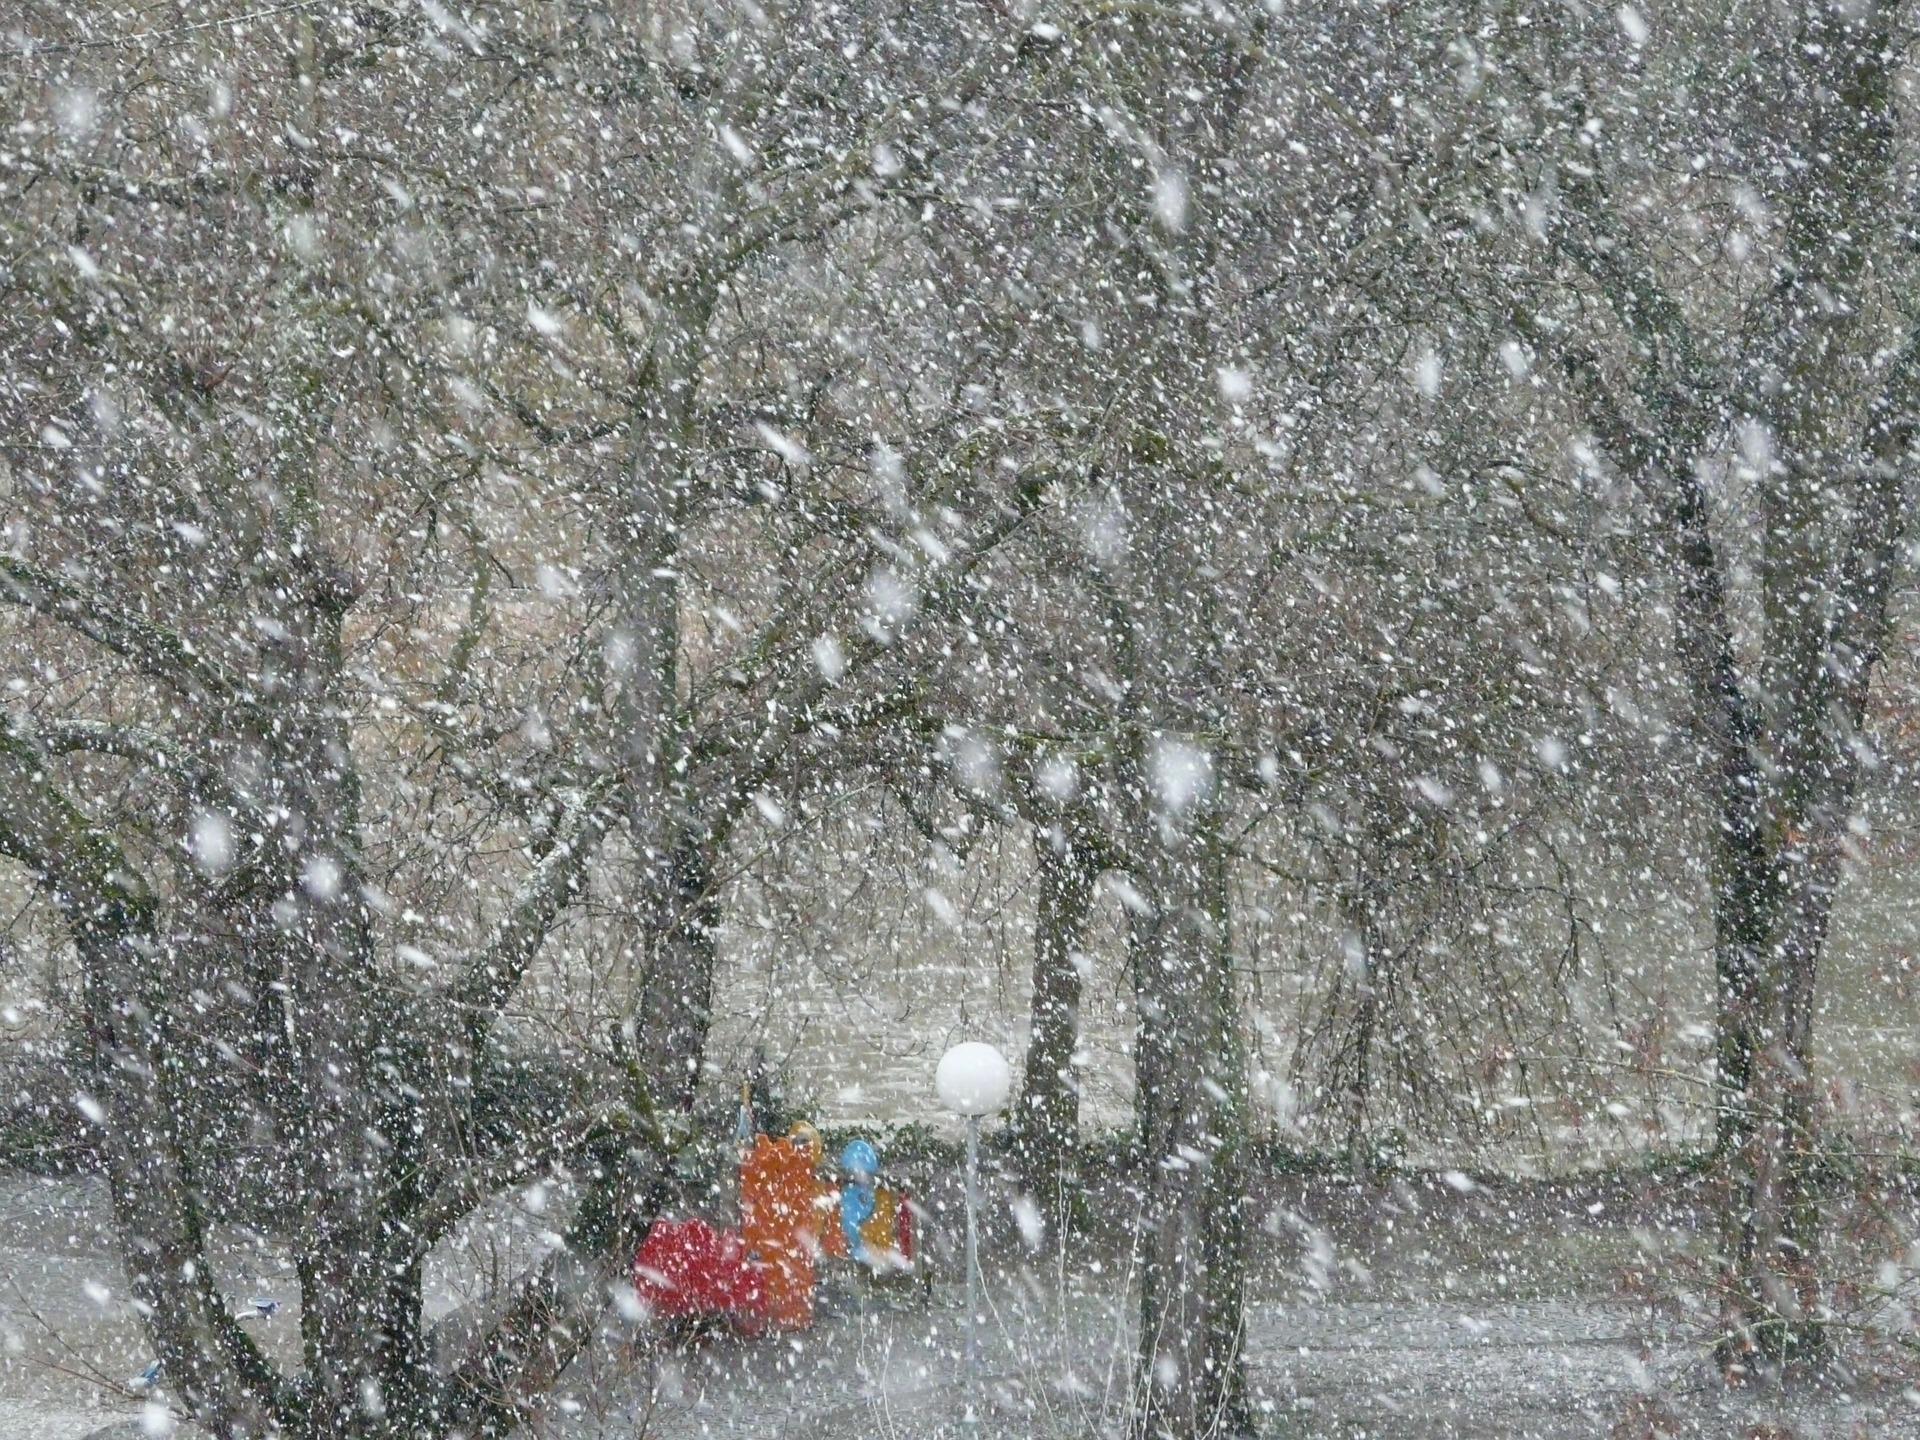 吹雪の様子